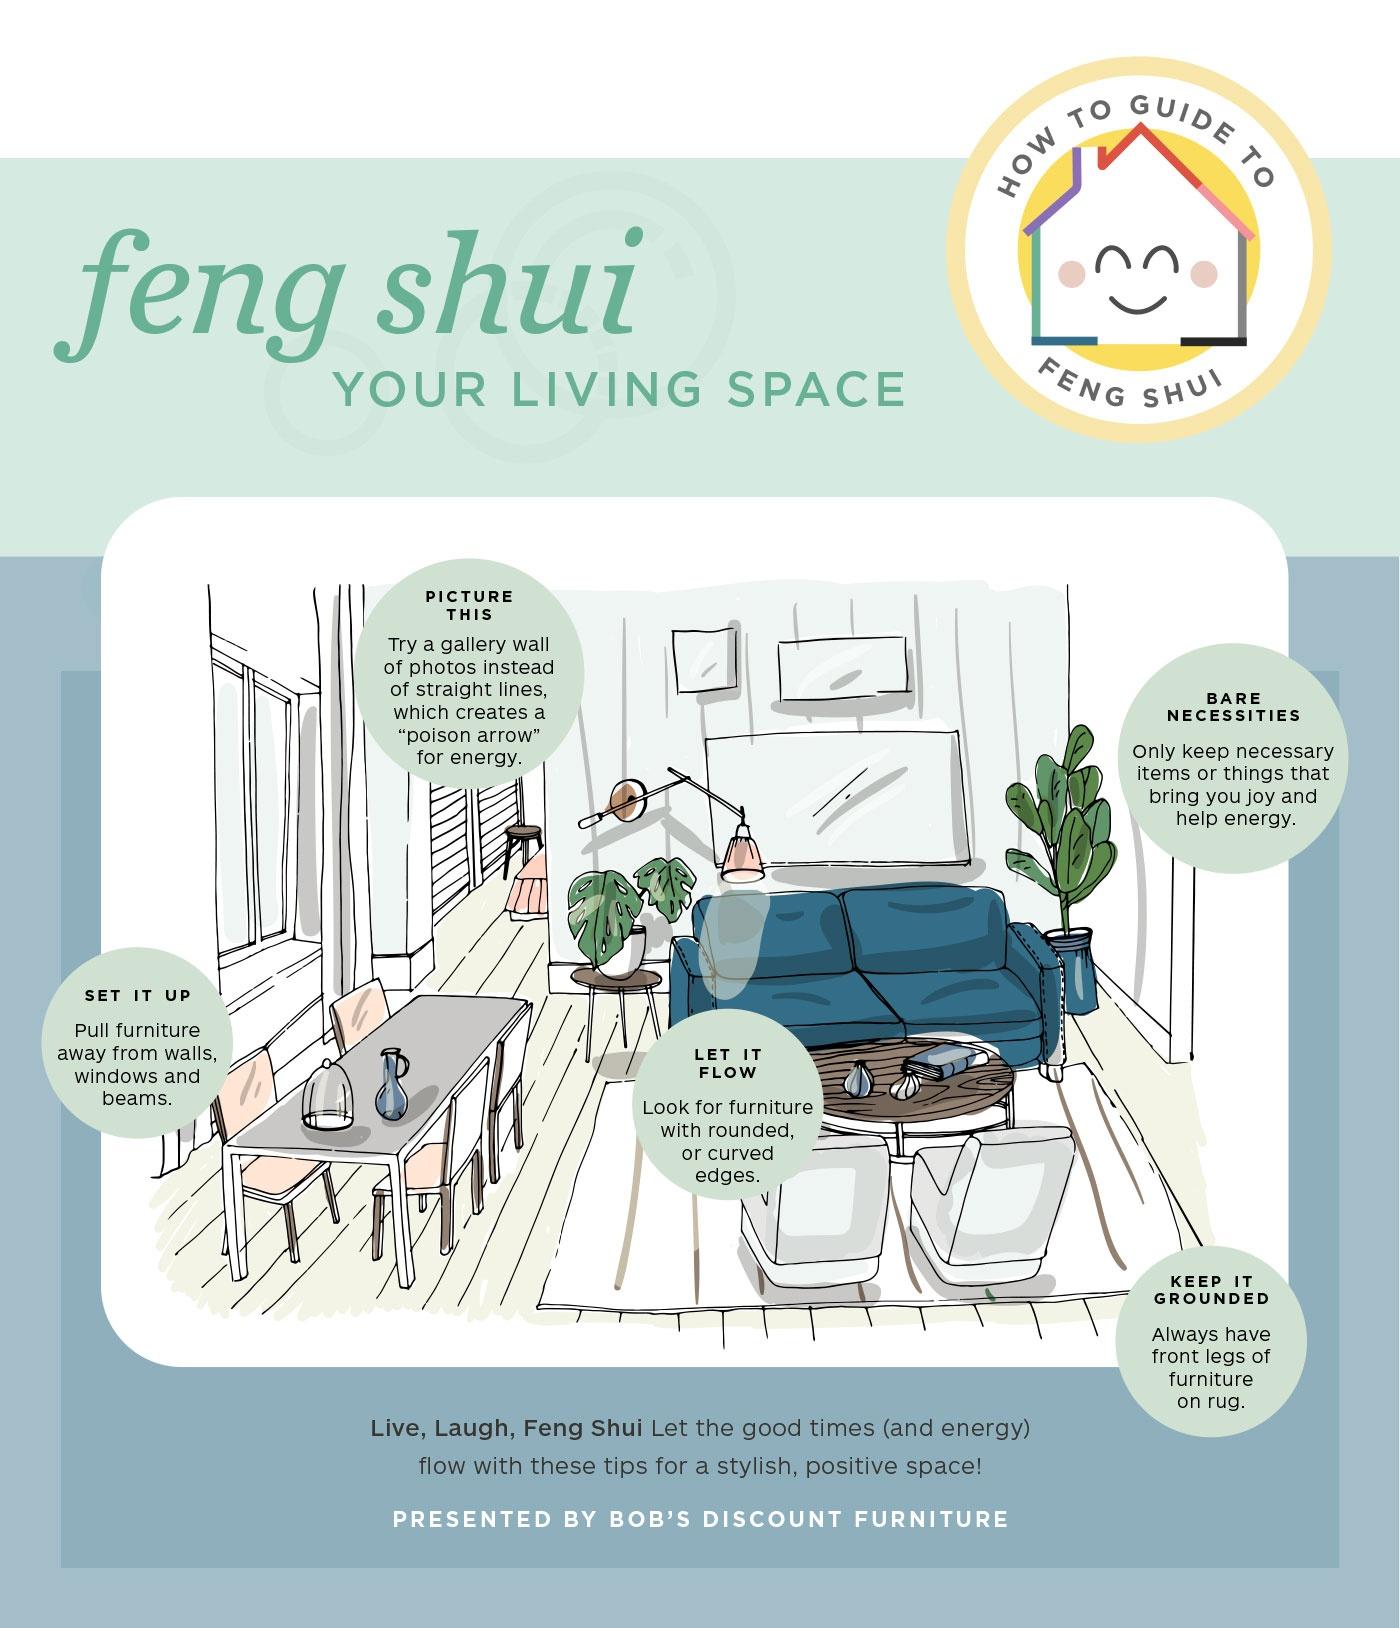 Bobs_FengShui_Living